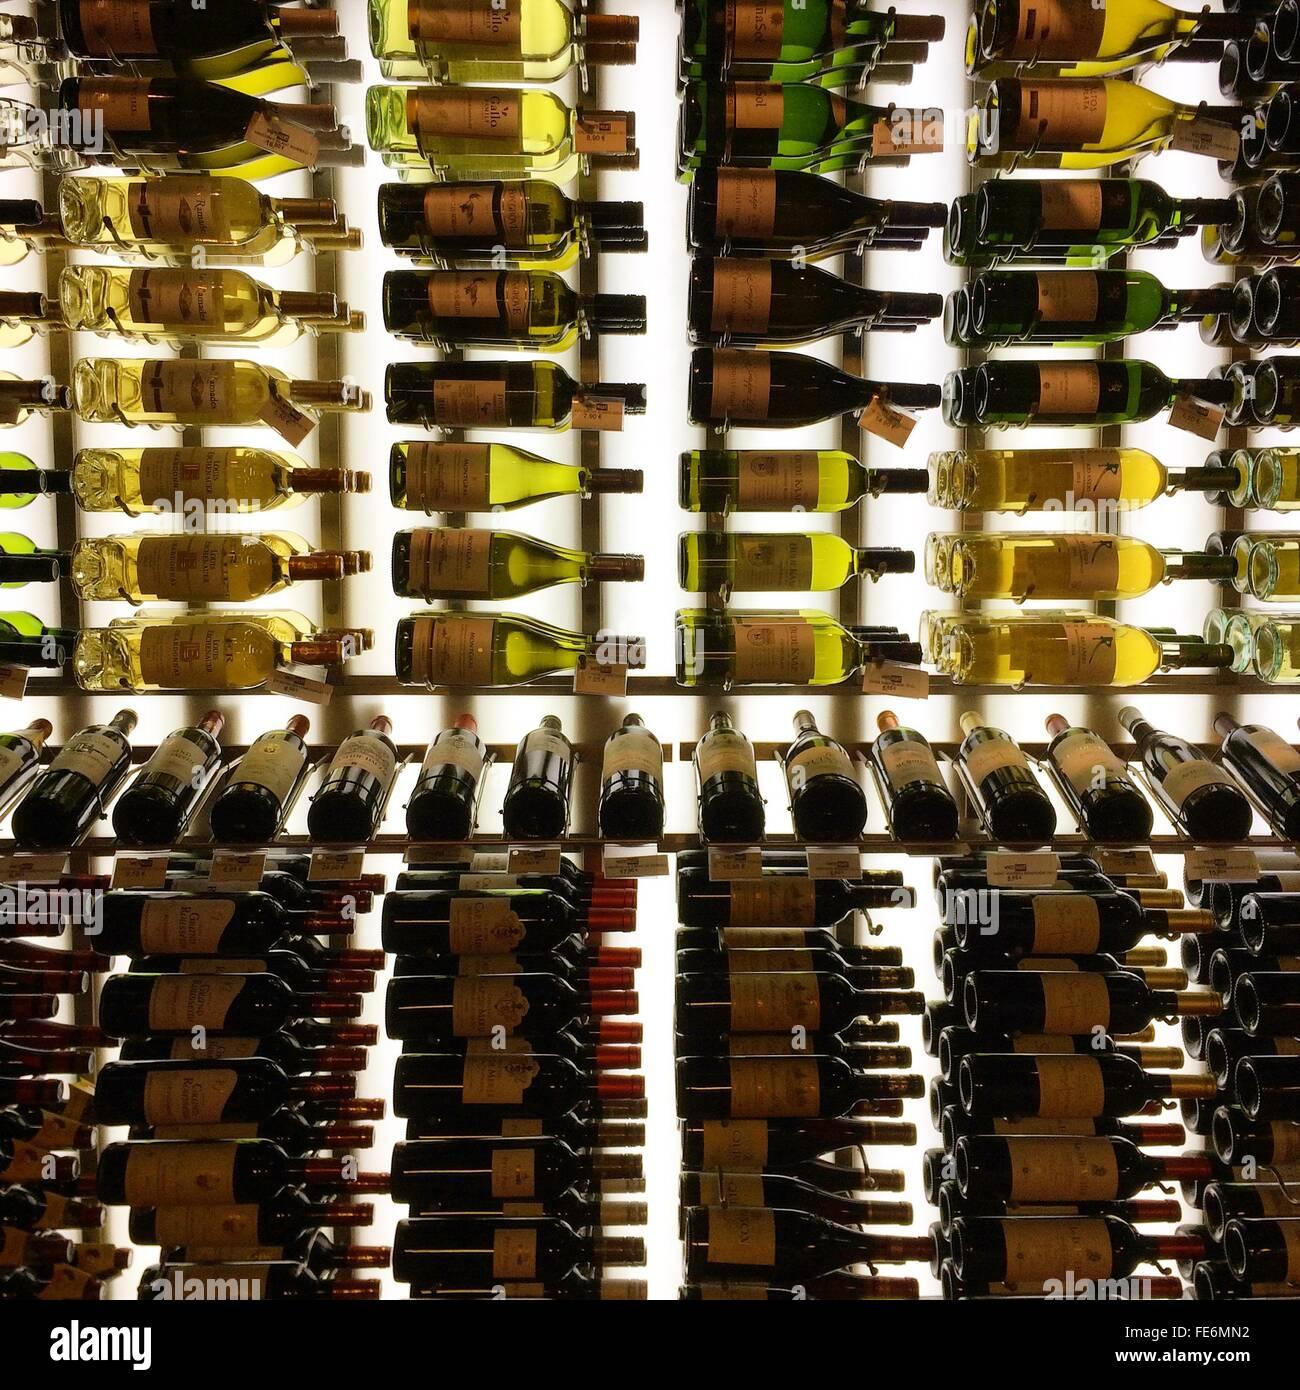 Des bouteilles de vin sur les tablettes Photo Stock